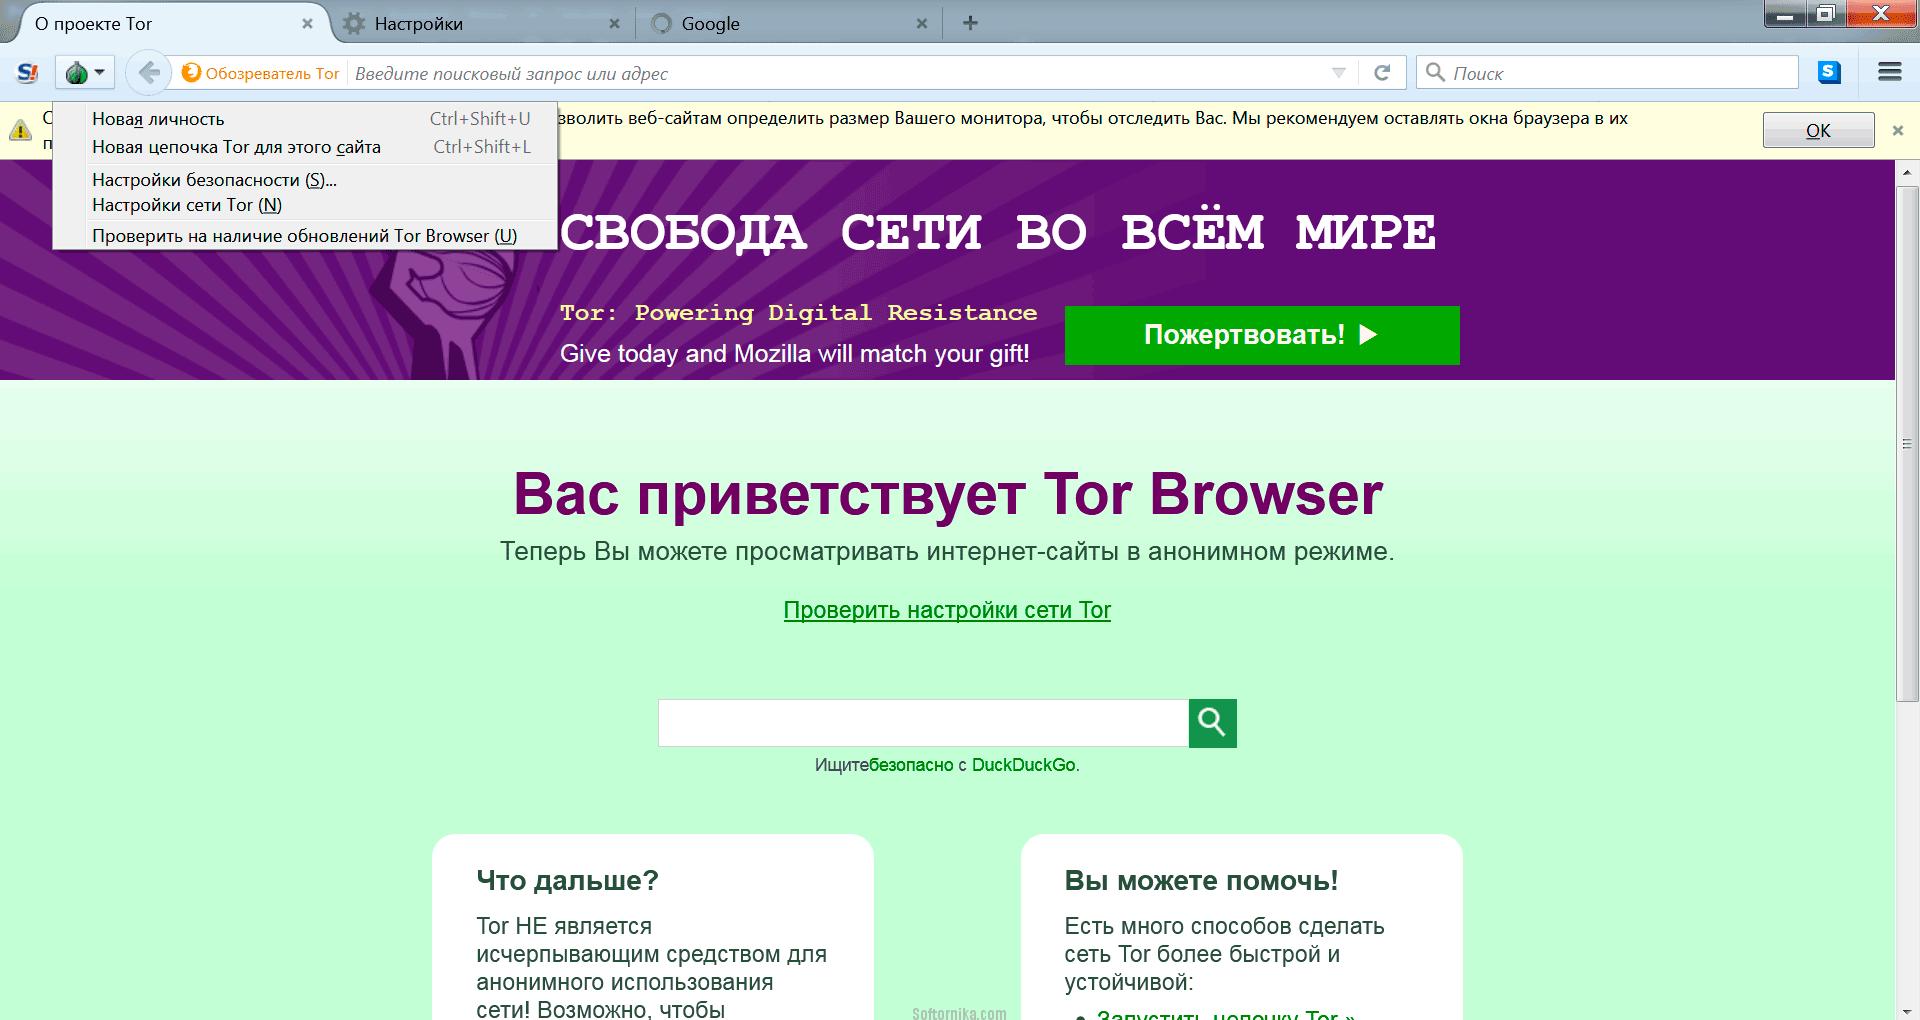 Браузер тор не работает поиск в hyrda скачать адобе флеш плеер для браузера тор hydra2web